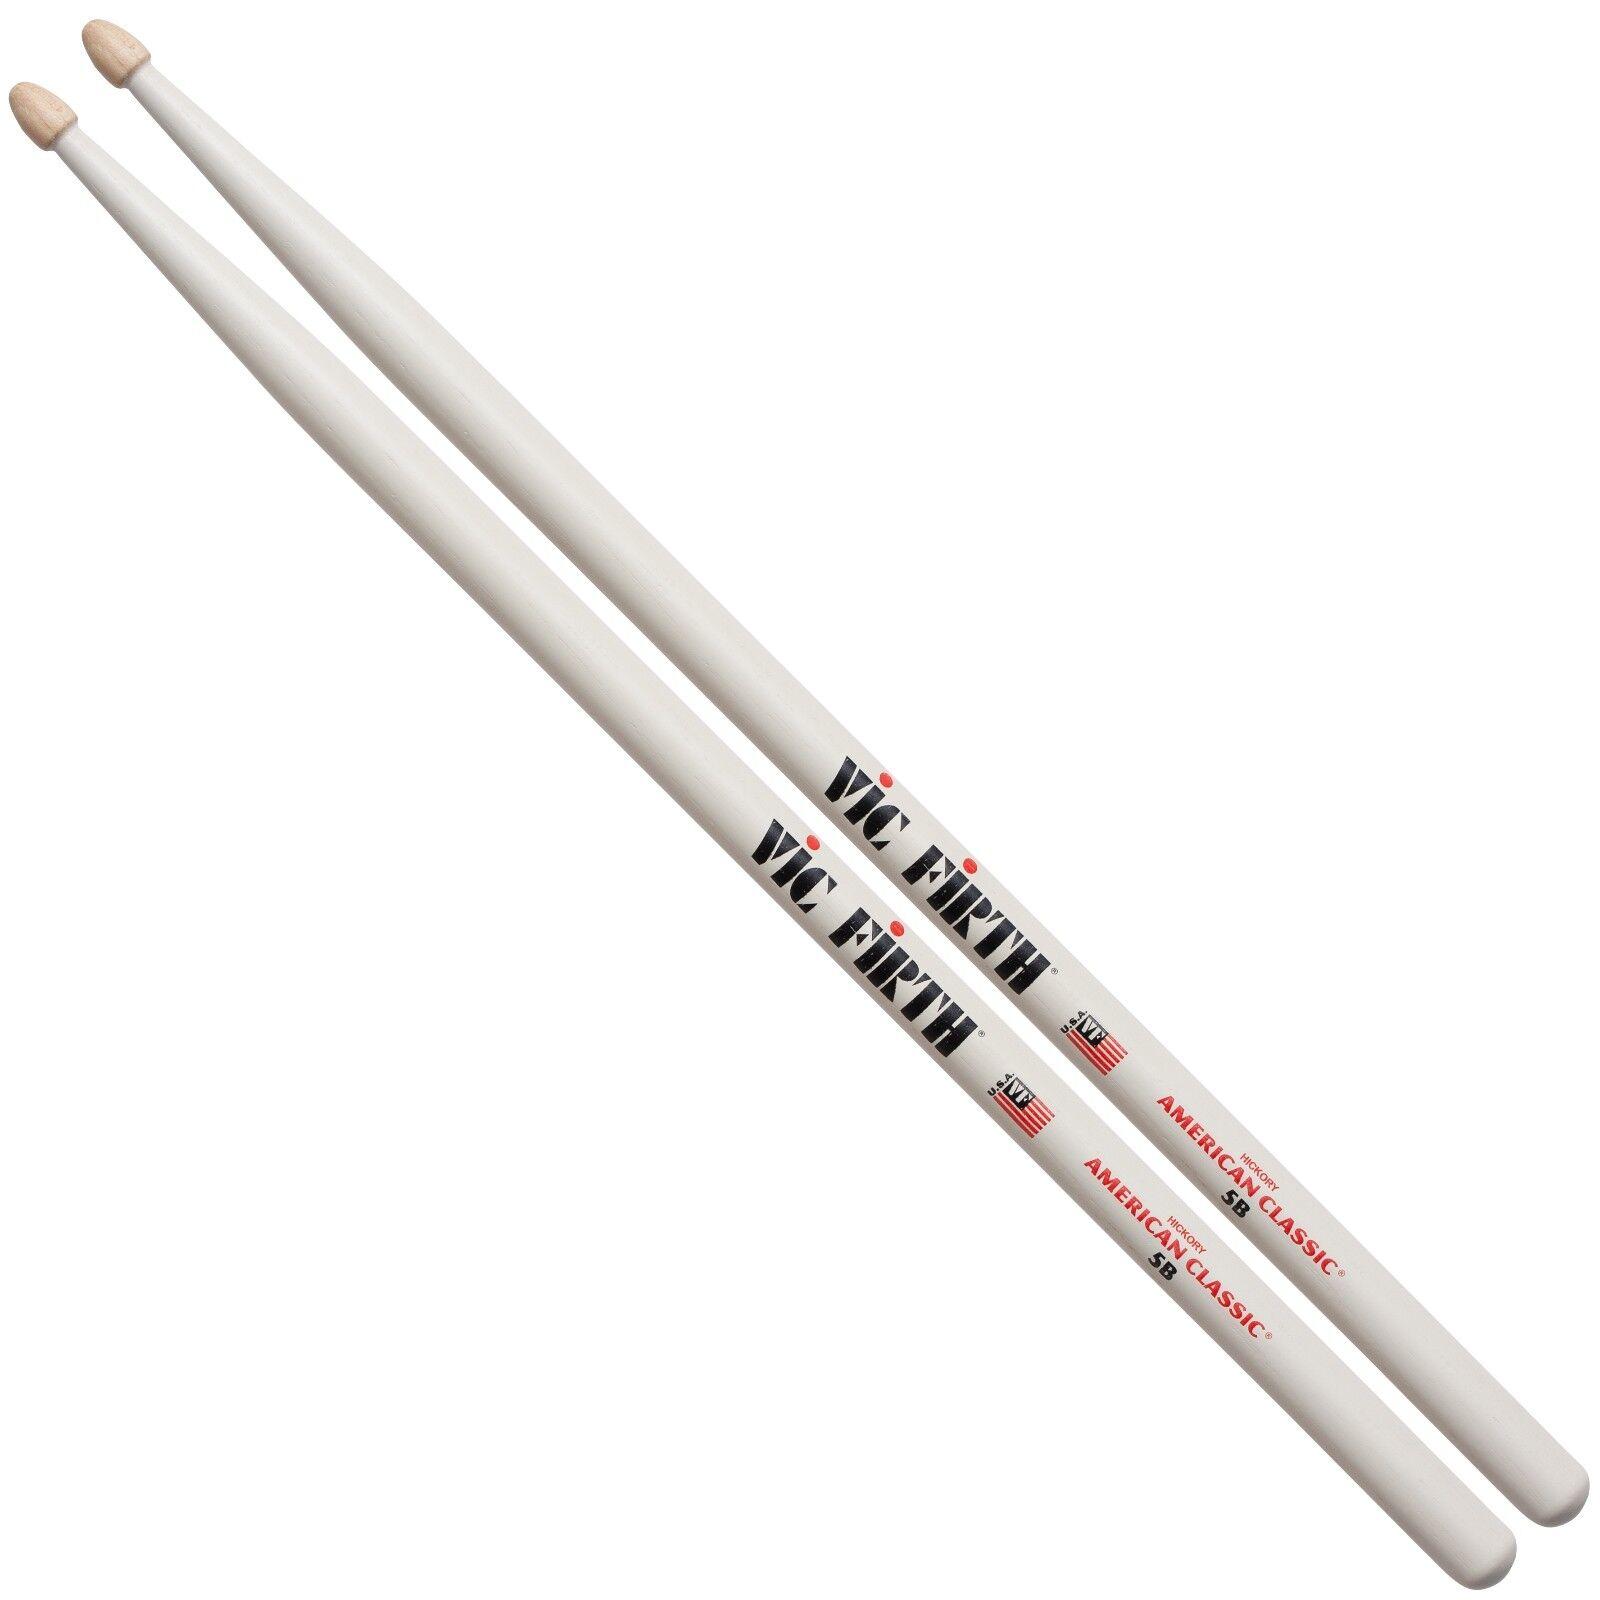 Vic Firth 5B Weiß Wood Tip Drum Sticks - 1 pair, 2 pairs, 6 pairs, 12 pairs